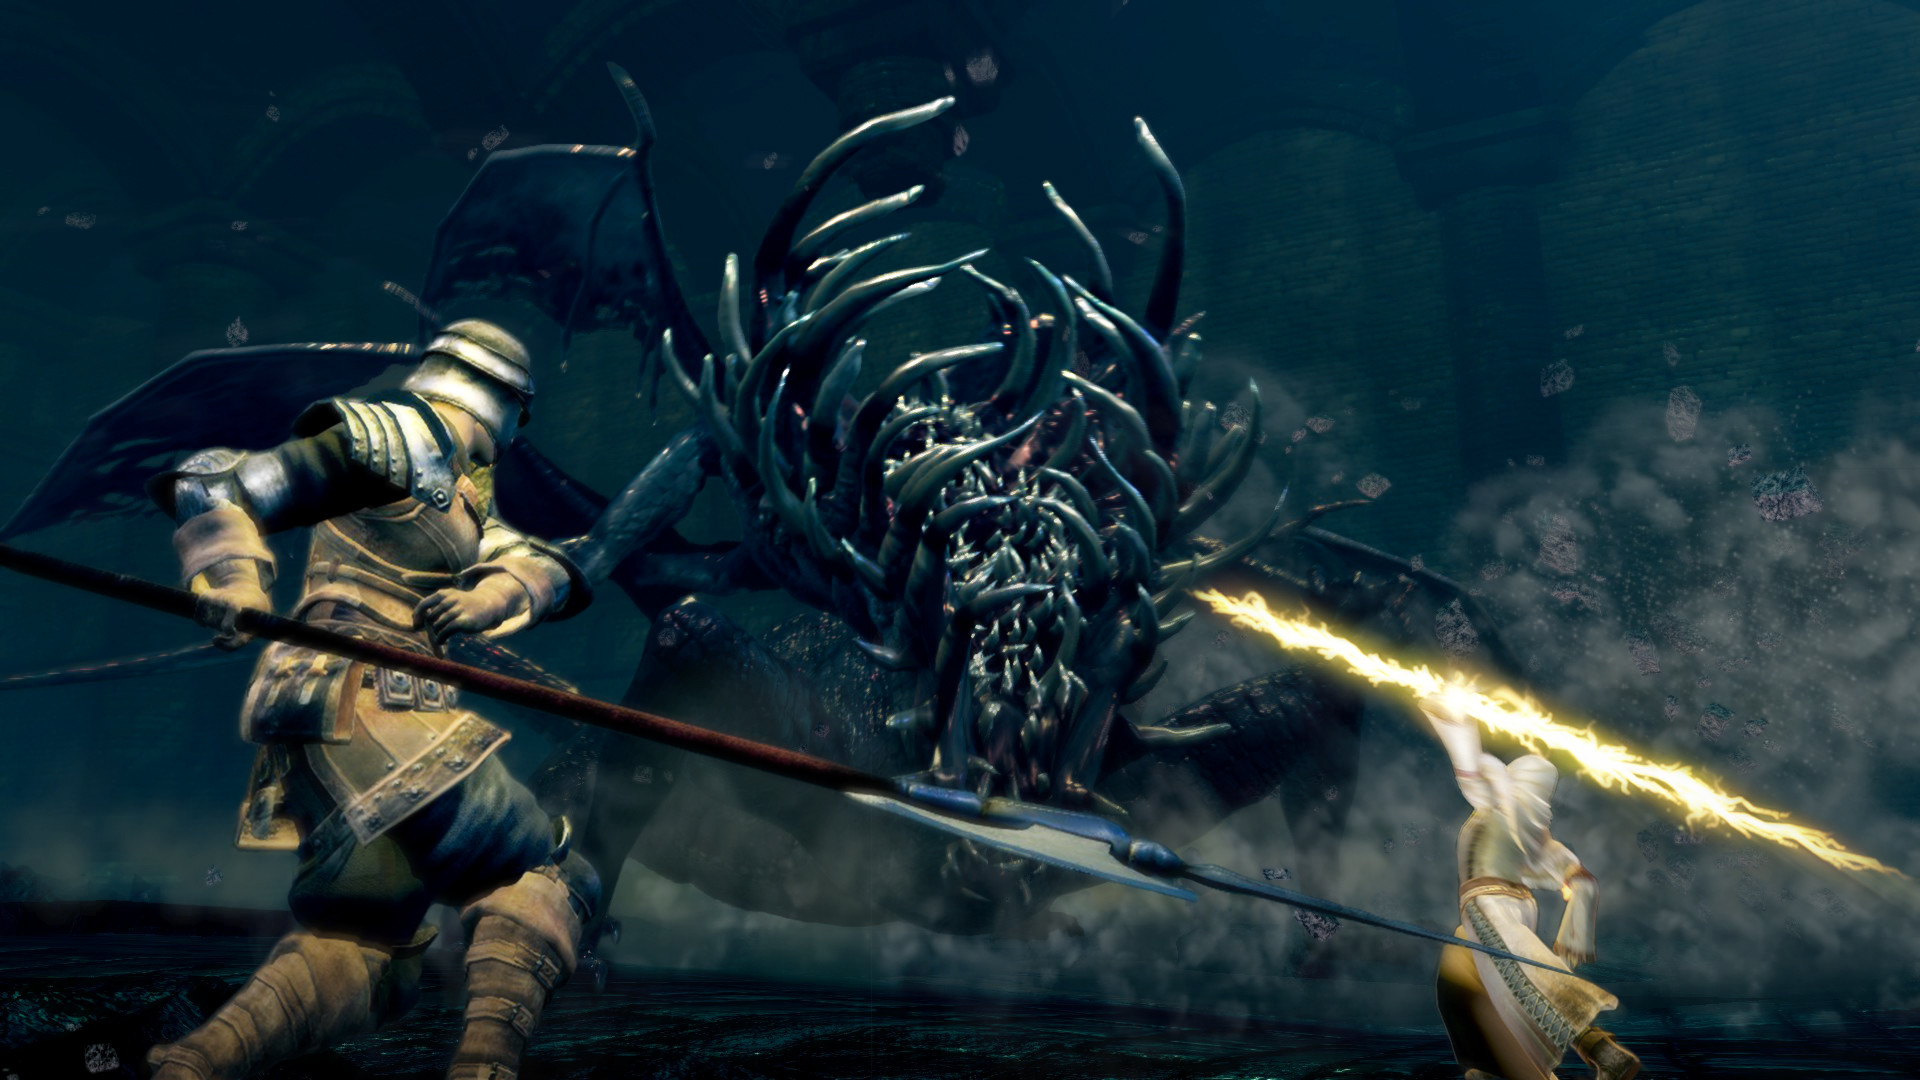 Tưng bừng tháng 5, Sony phát tặng miễn phí 2 game PlayStation khủng: Dark Souls Remastered và Dying Light - Ảnh 3.